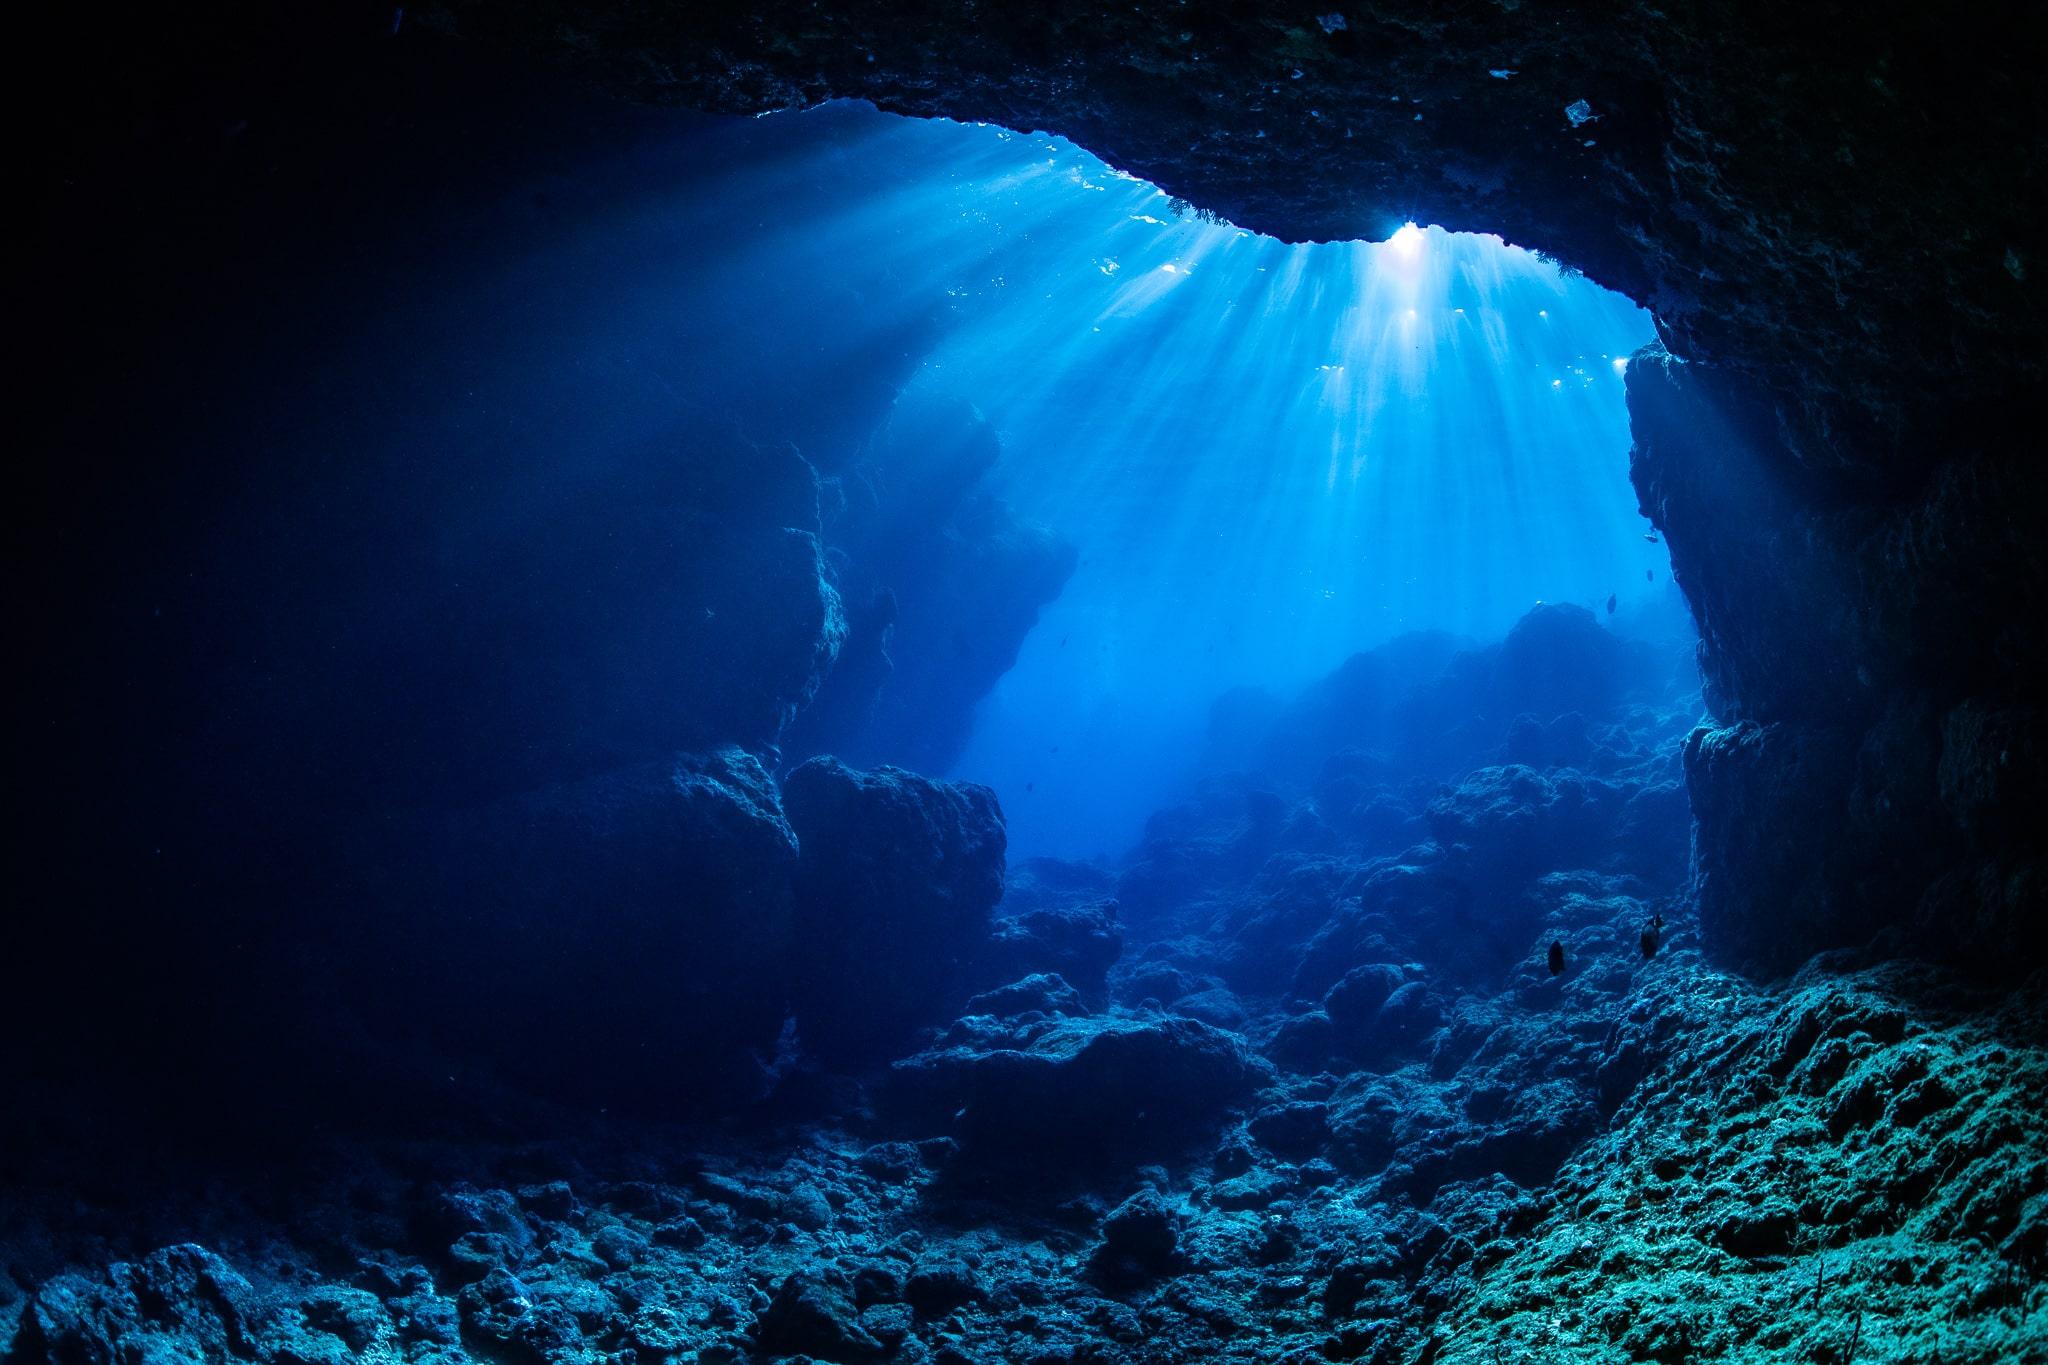 【恩納村】【貸切制】4歳から参加OK!「青の洞窟」でシュノーケリングツアー(写真・動画撮影サービス付)(No.80)